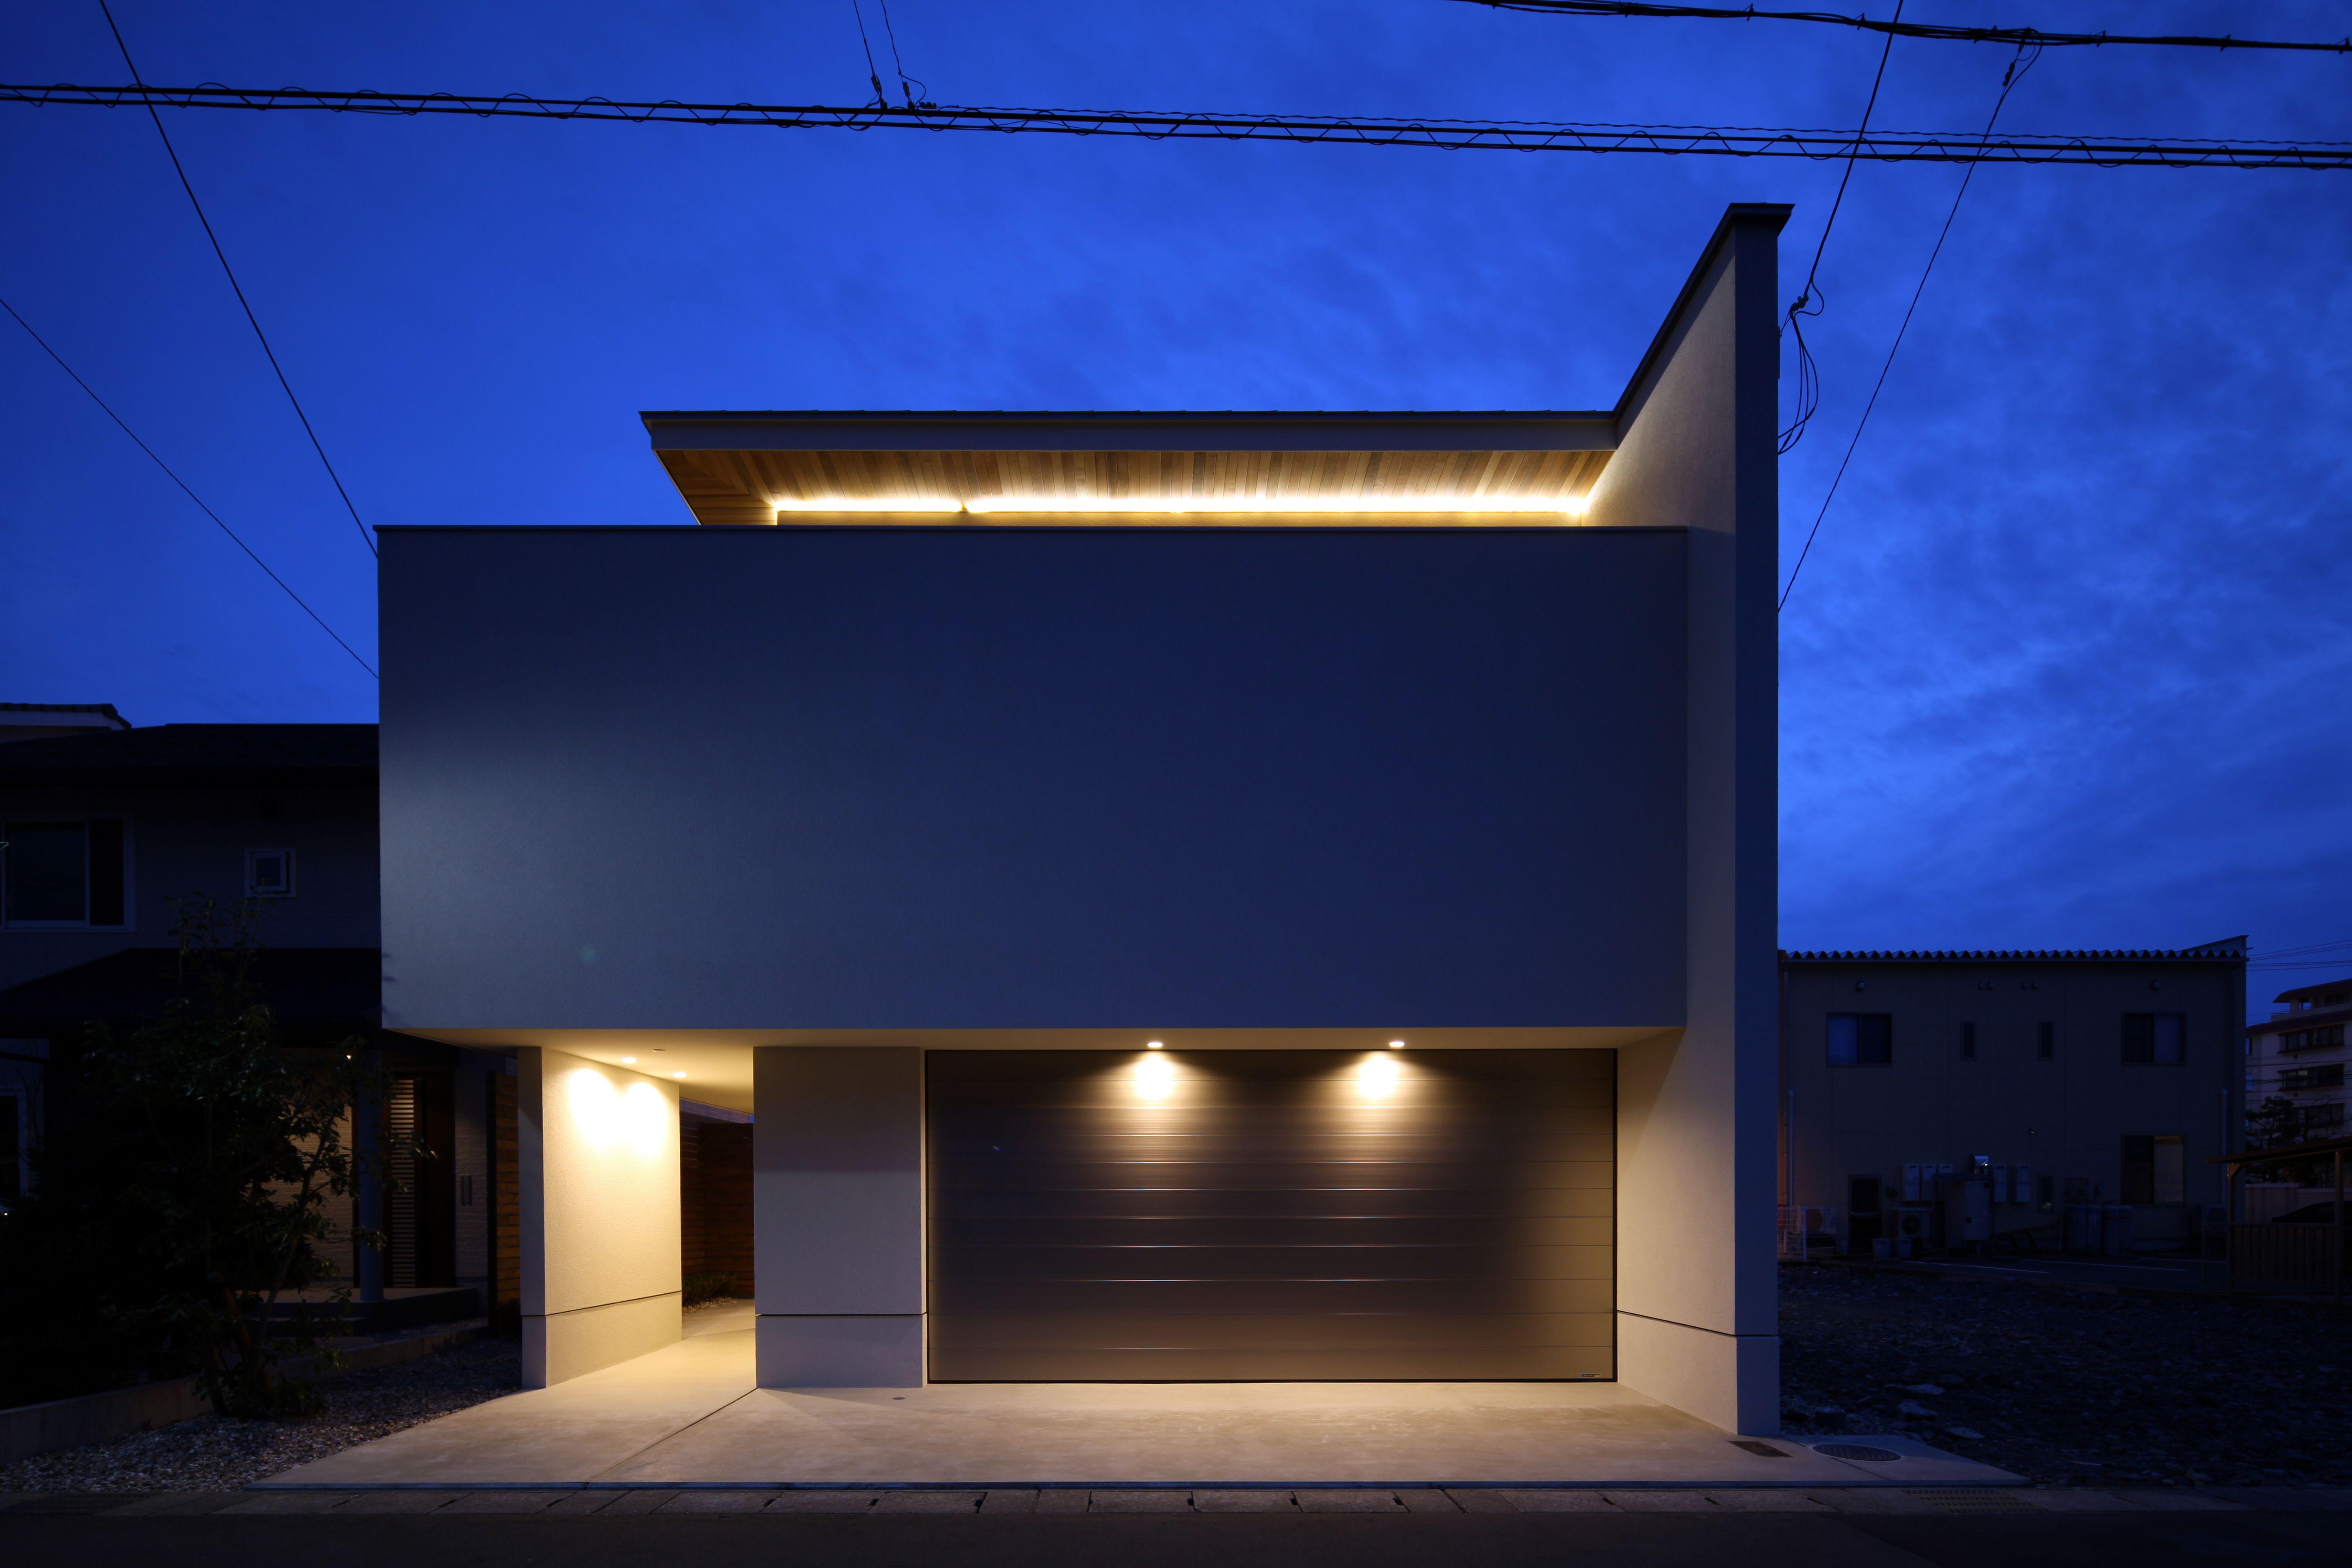 印象的な品のある照明計画としました 照明 スポットライト ファサード 外観 シャッター 玄関アプローチ 屋根 軒天 夕景 シンプル モダン Lighting Spotlight Facade Shutter Sophisticat 小さな家の外観 現代建築の住宅 モダンハウスの外観